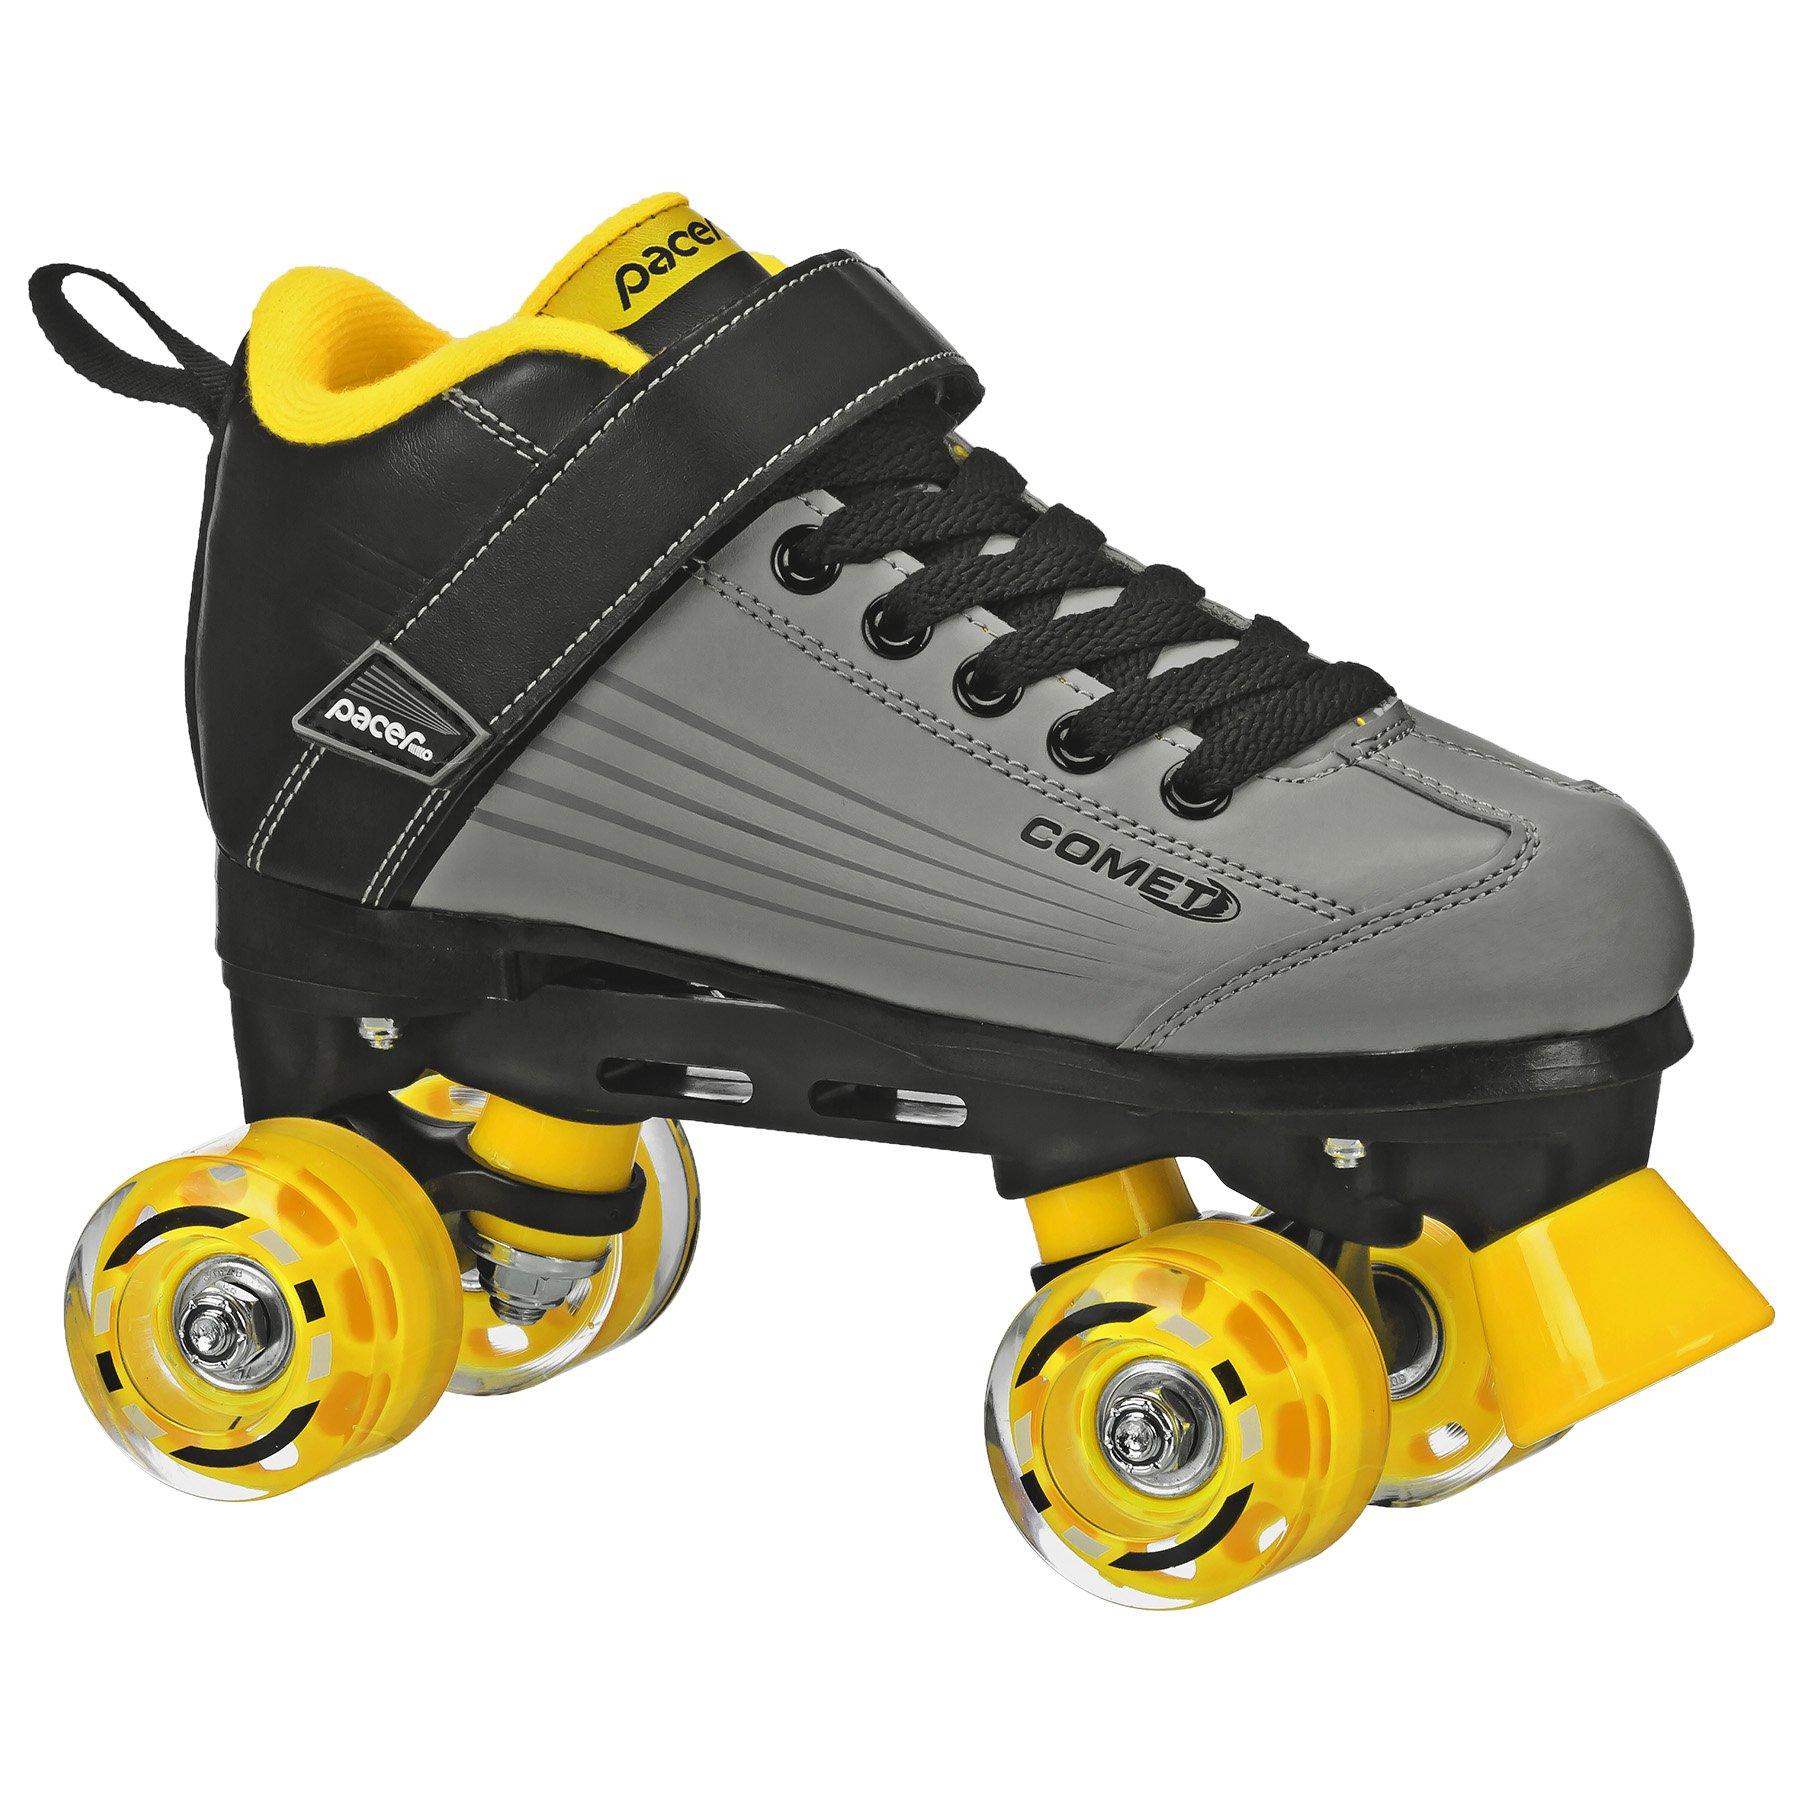 Pacer Comet Quad Kids Roller Skate, with Light Up Wheels, P973, black sz 4